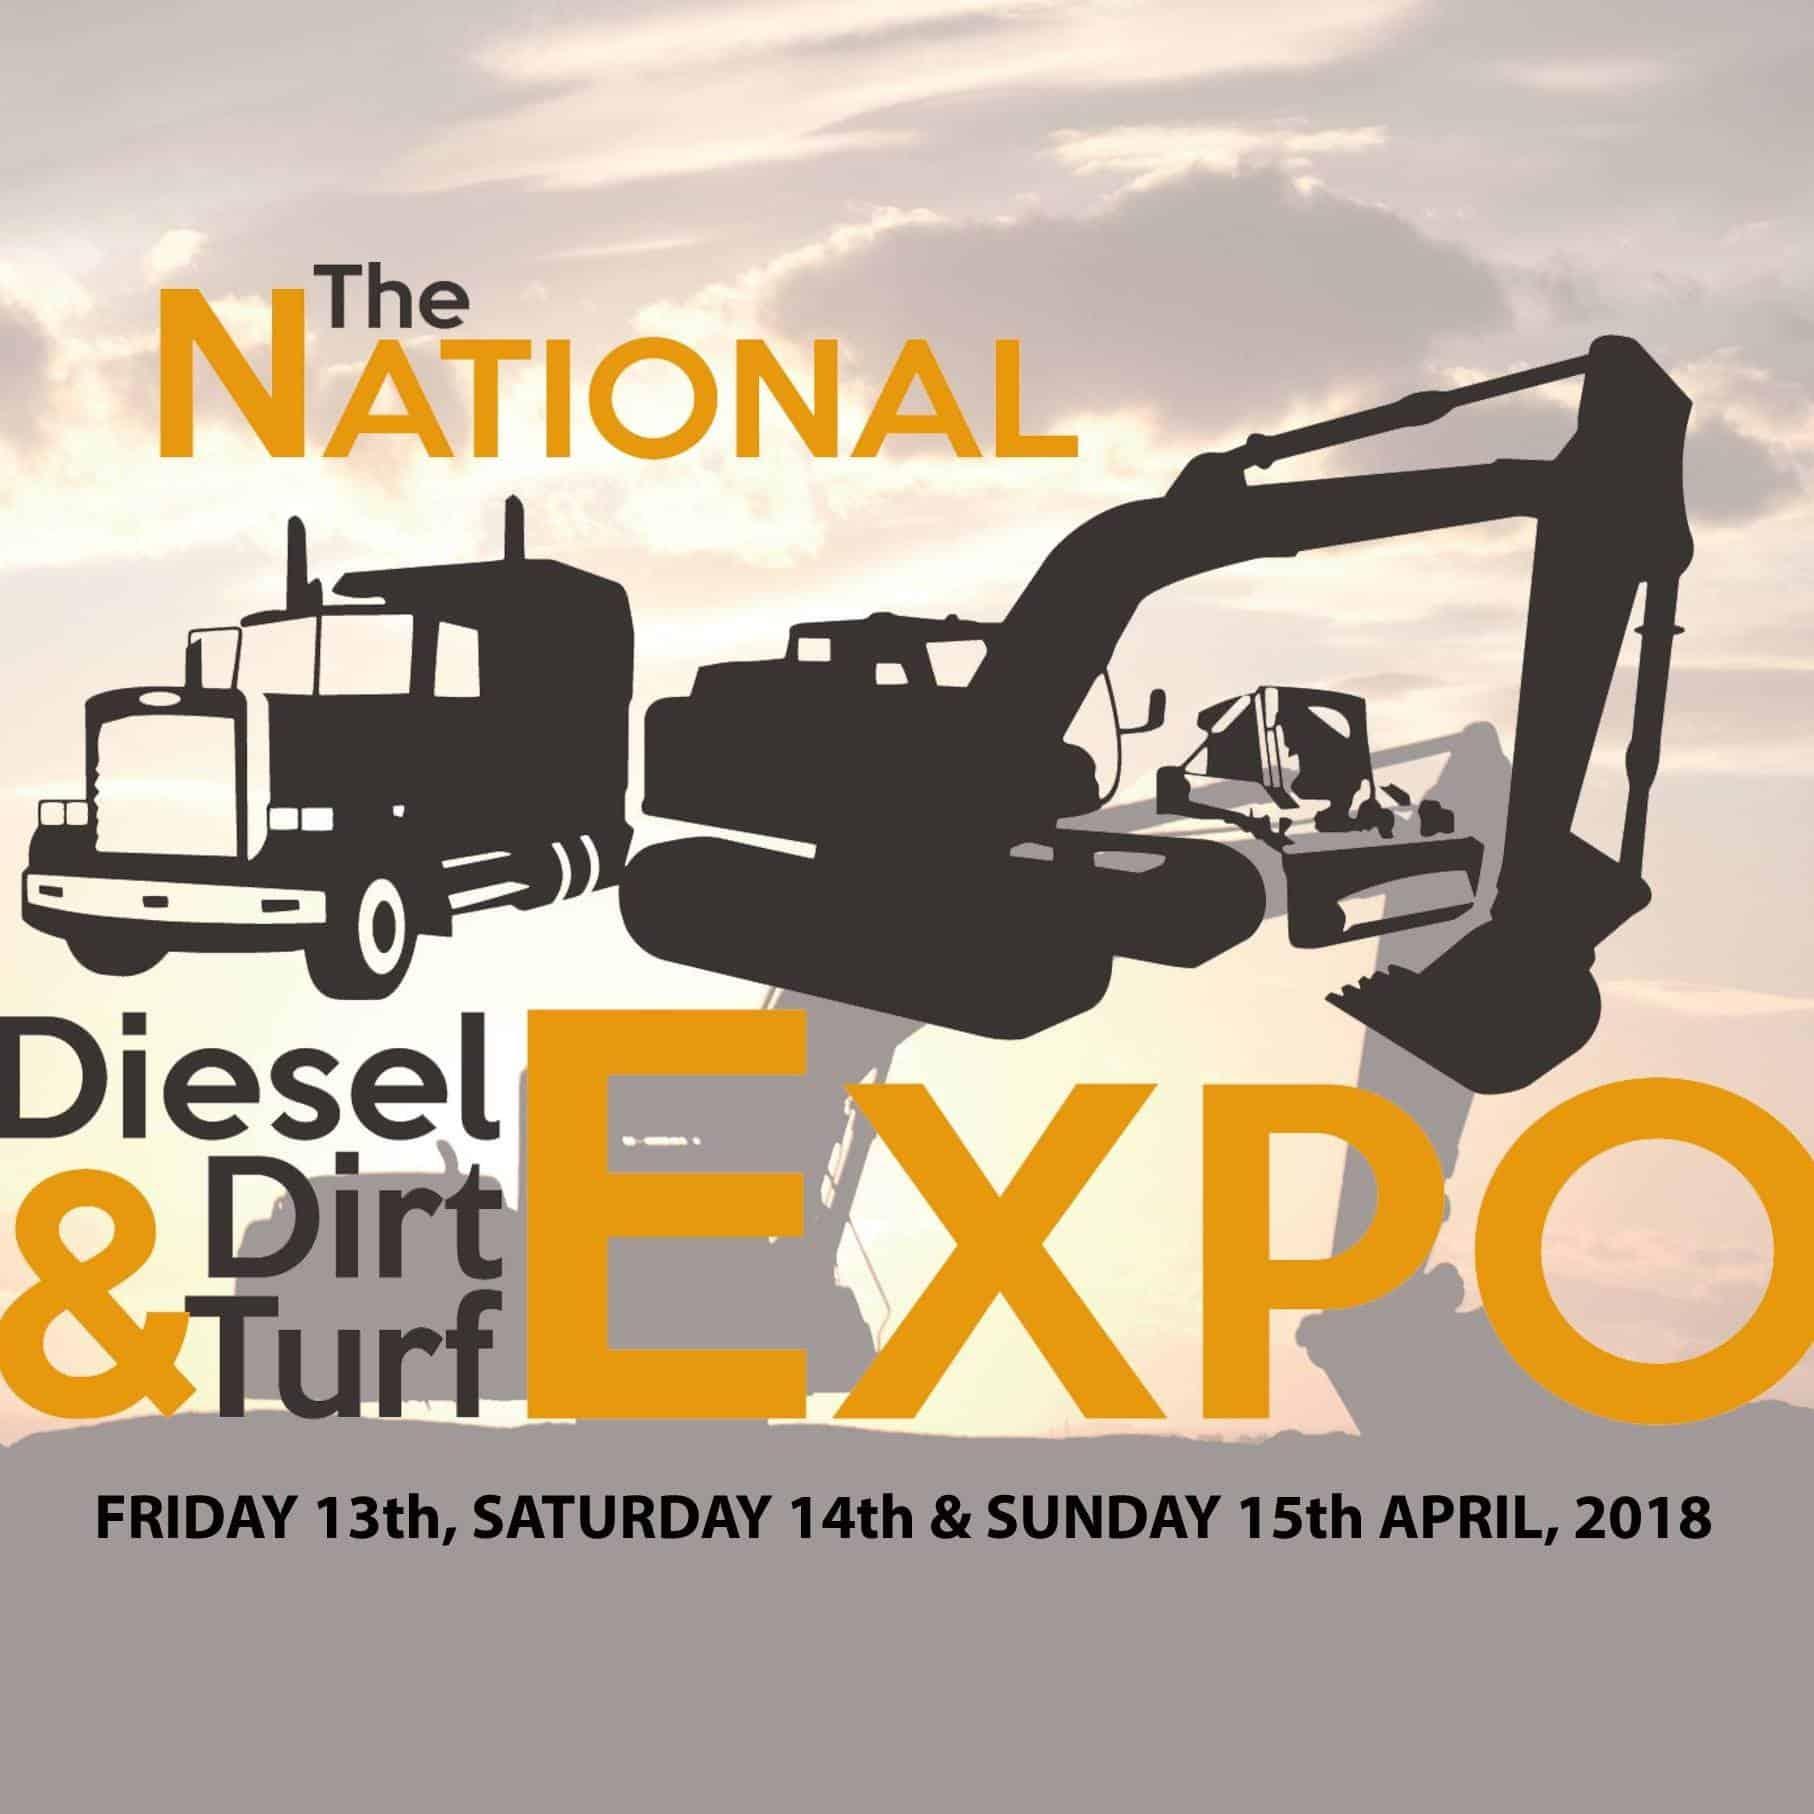 Diesel Dirt N Turf 2018 – Finished